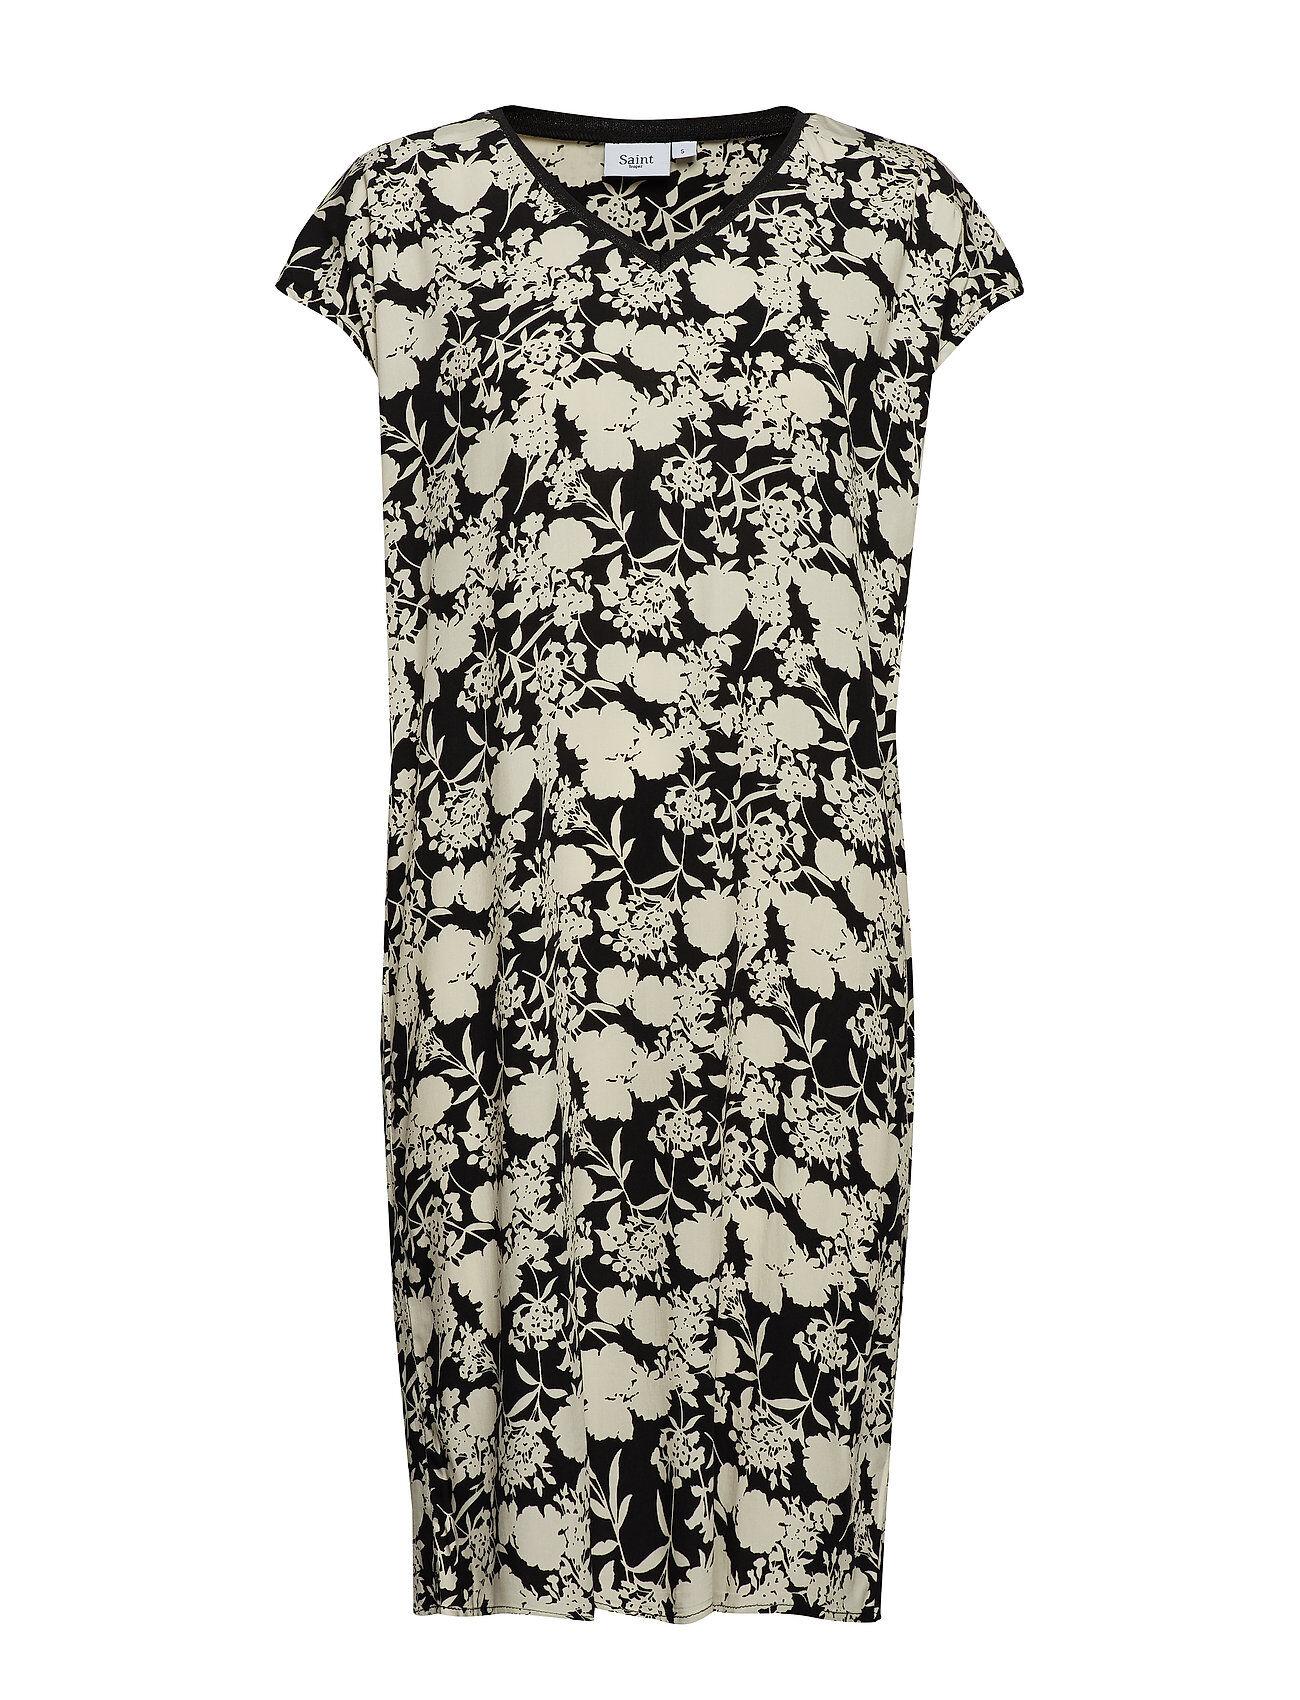 Saint Tropez Woven Dress S/S Polvipituinen Mekko Monivärinen/Kuvioitu Saint Tropez